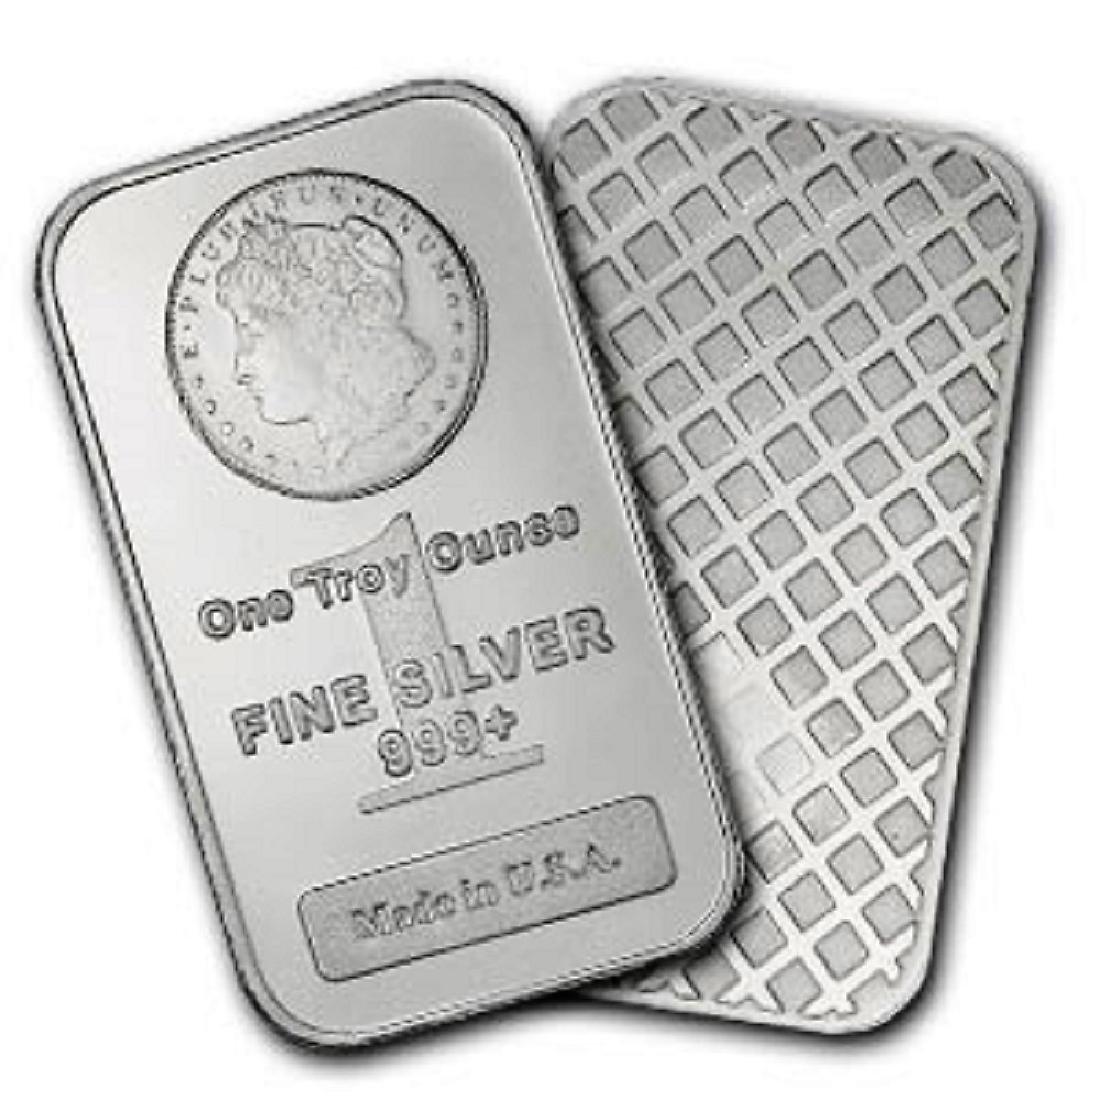 1 oz Morgan Design Silber Bar .999 Pure - 2